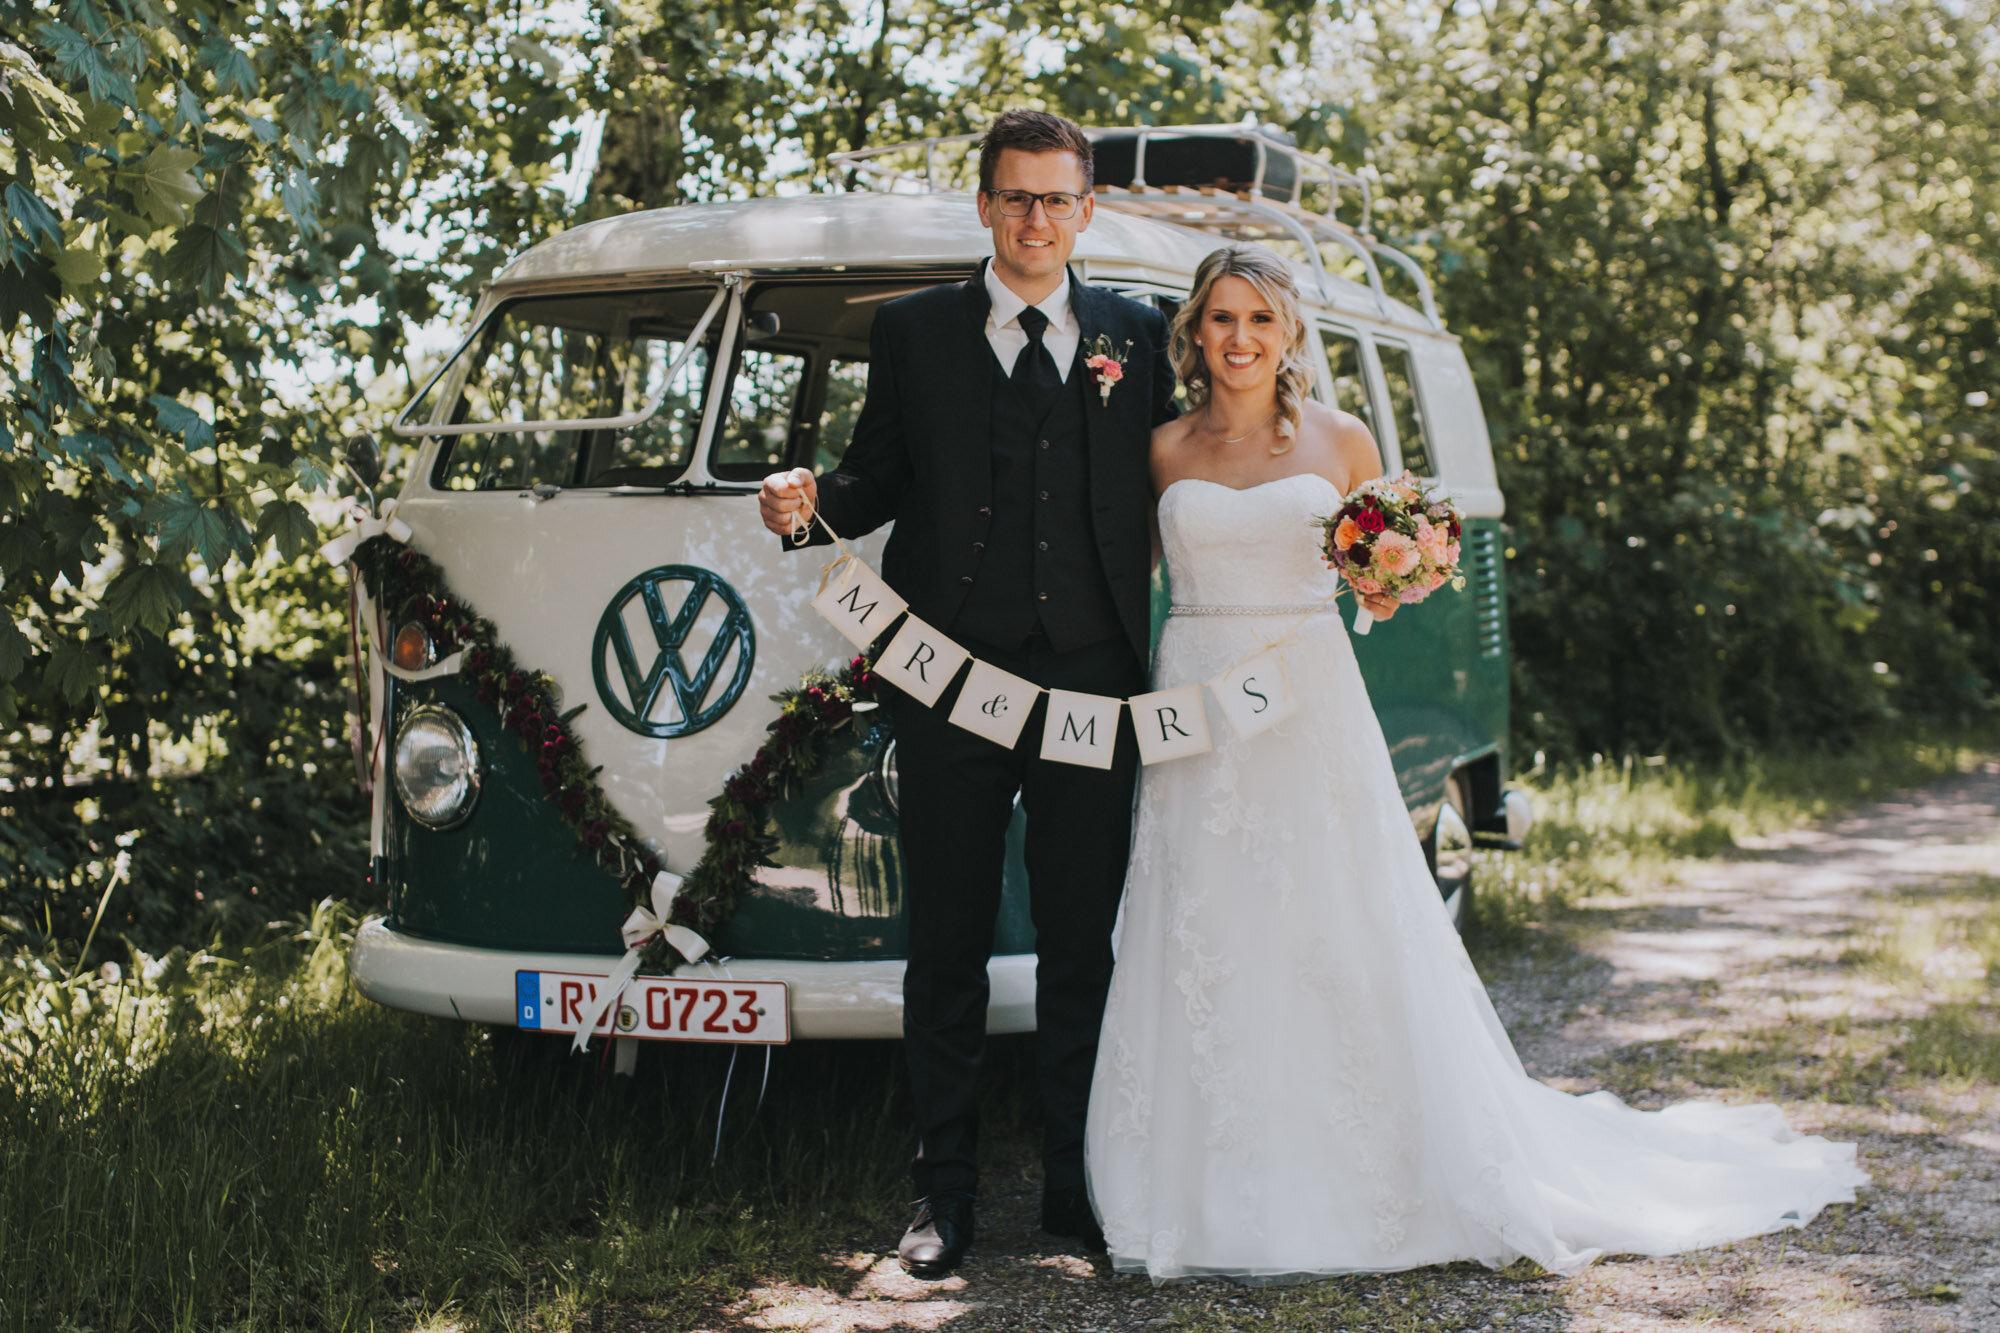 emory-factory-Hochzeit-2019-06-01-37.jpg